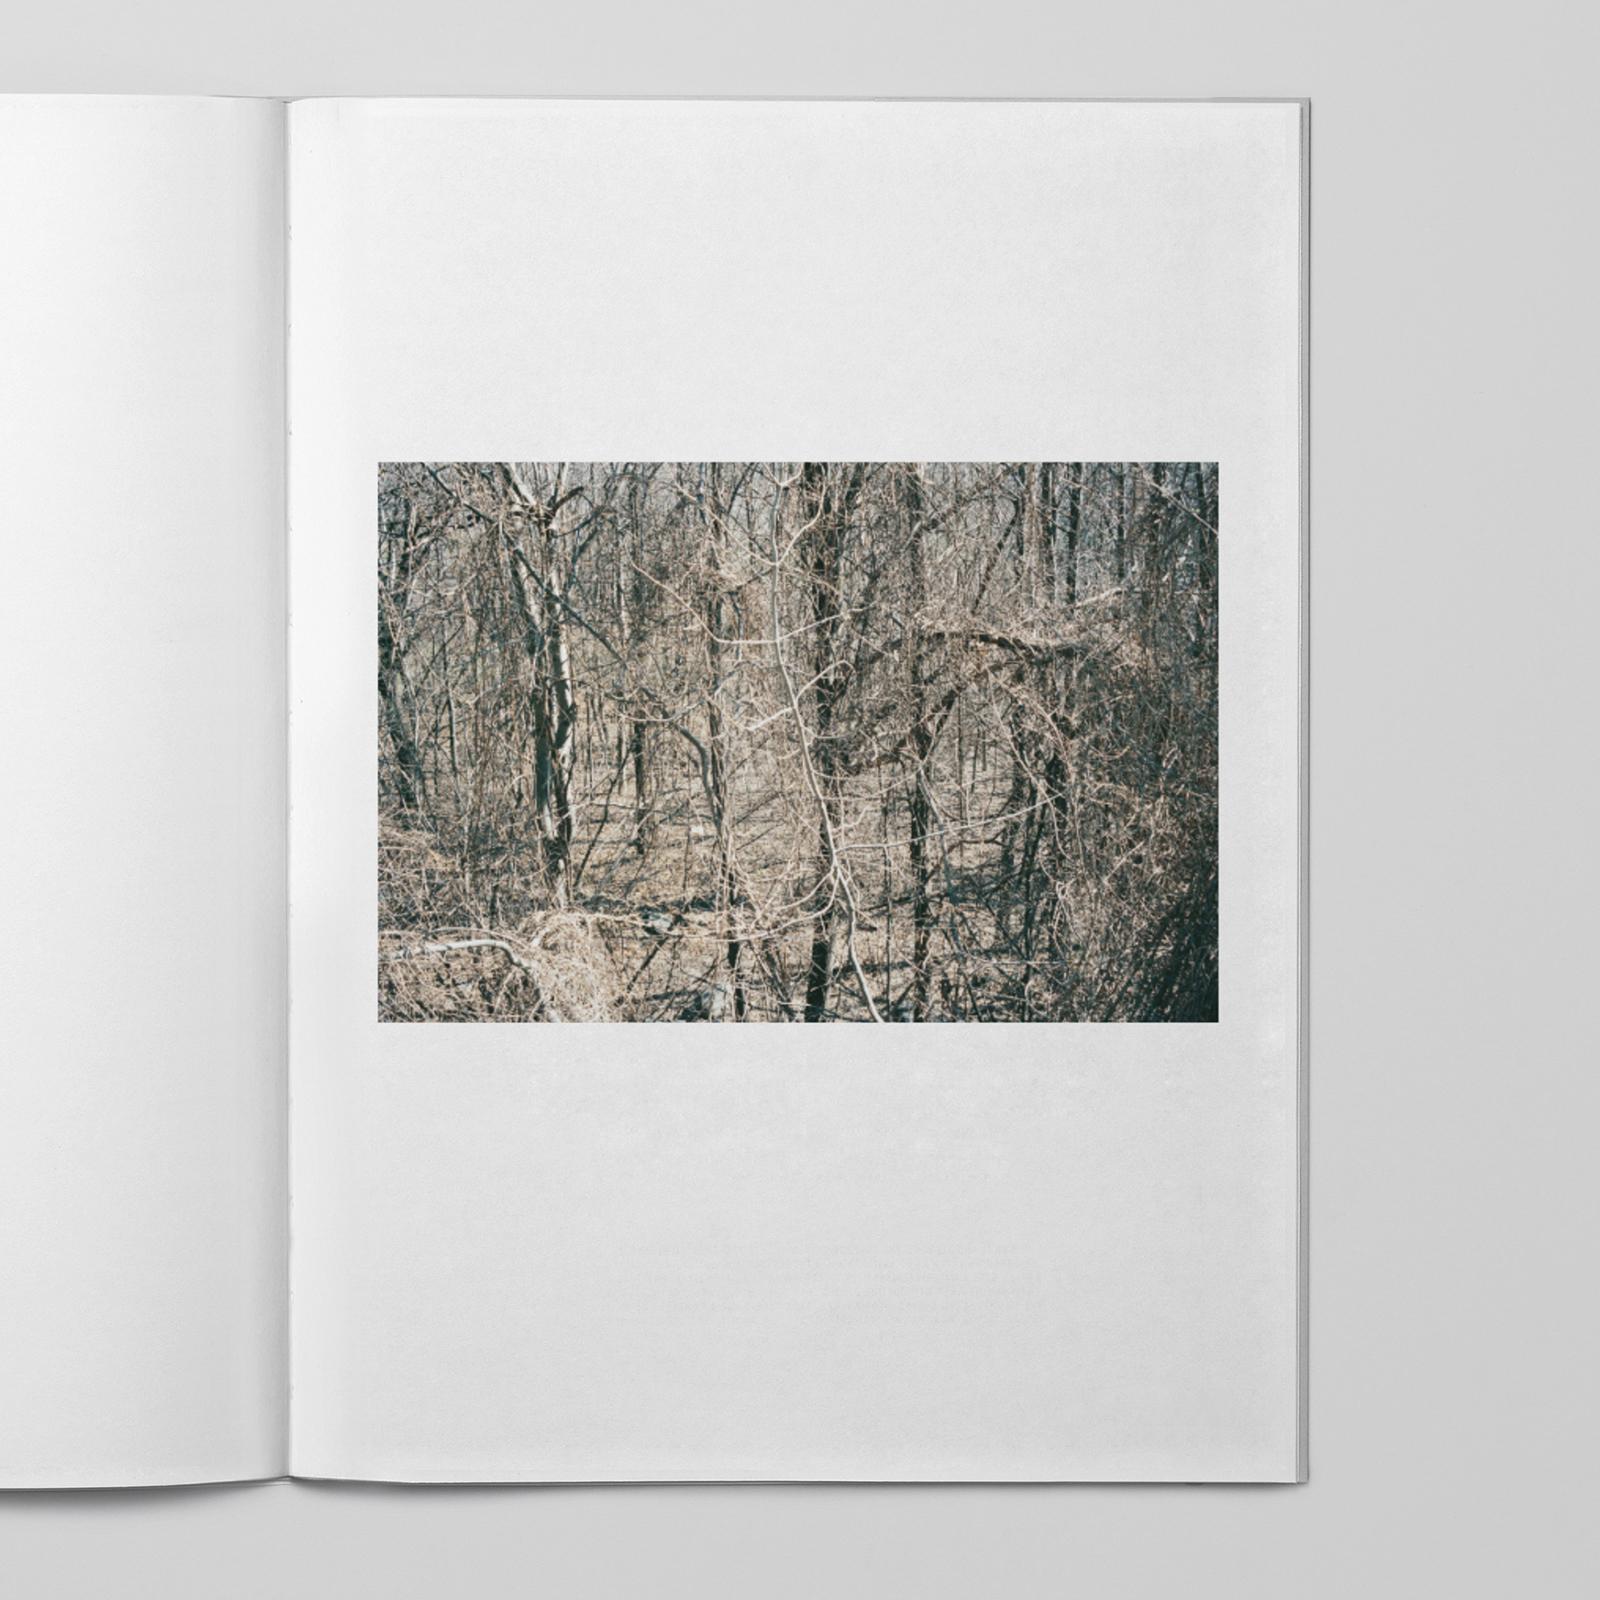 Johan Sandberg — D-Aosta_0014_Lager 13